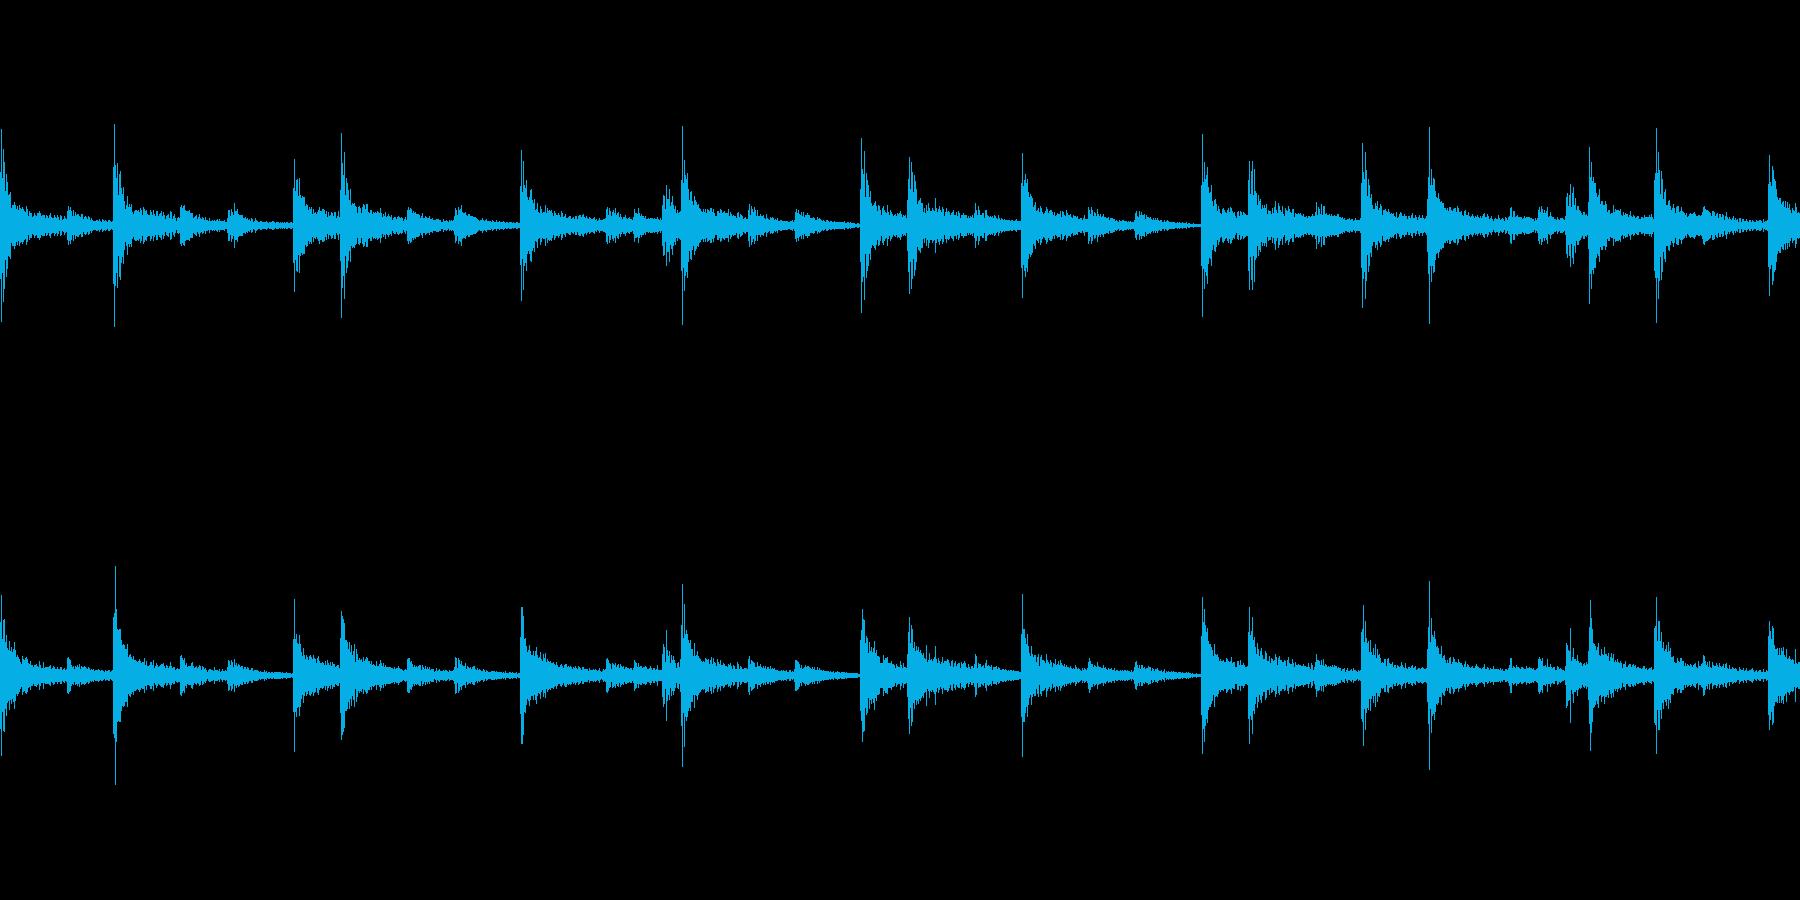 スネア軽快ファンクフレーズ(ループ可)の再生済みの波形